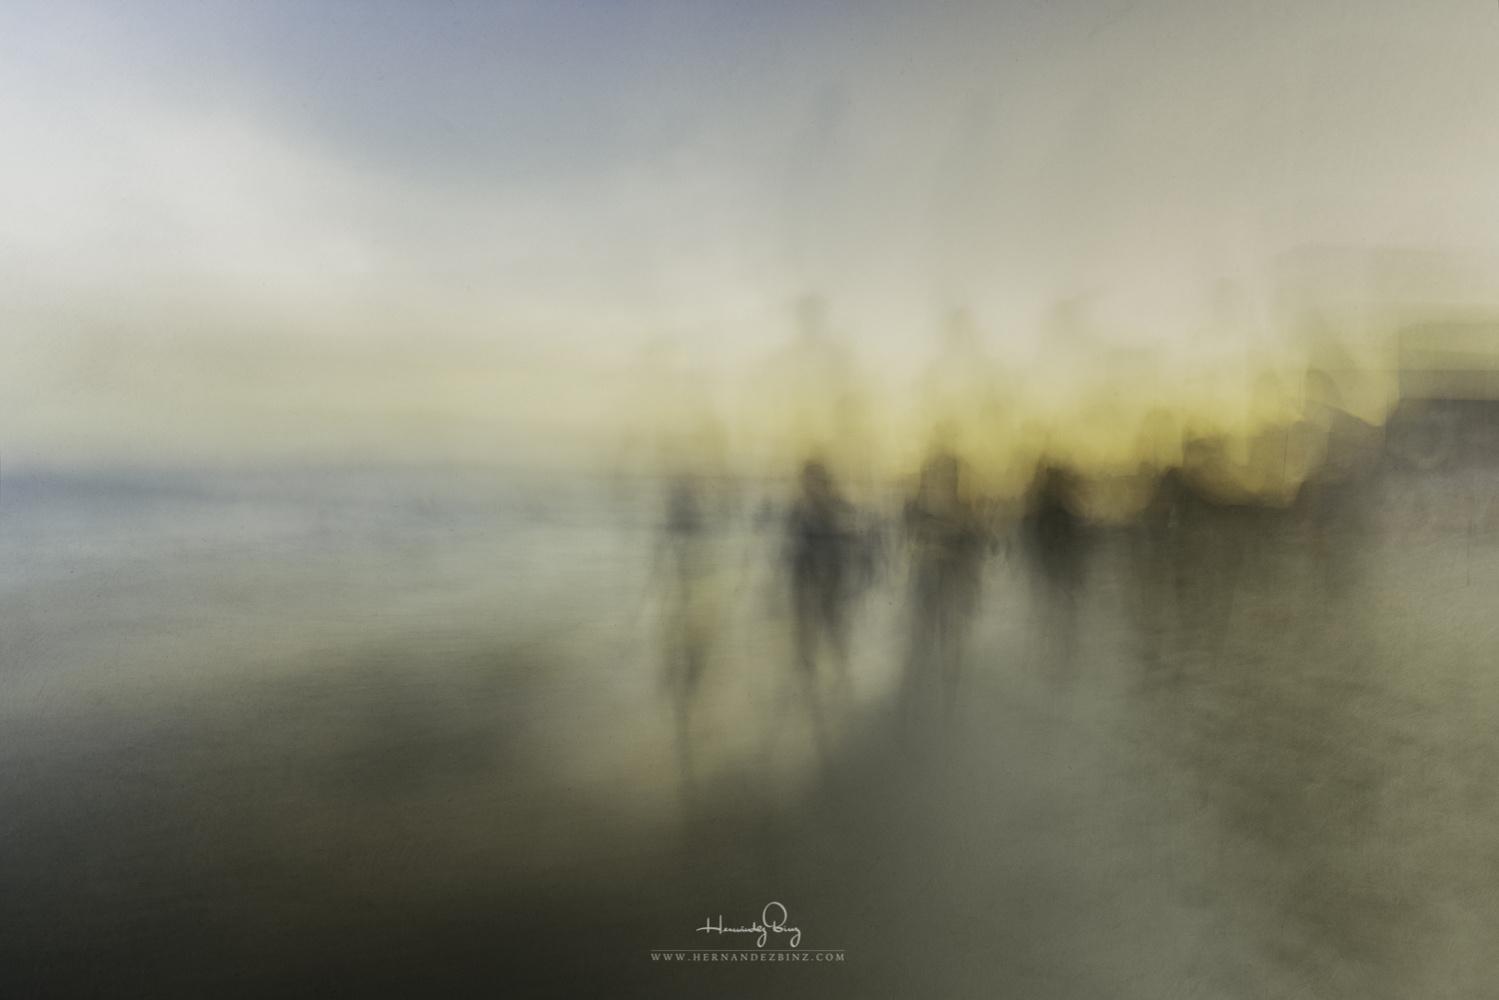 Pareos by Adrian Hernandez Binz